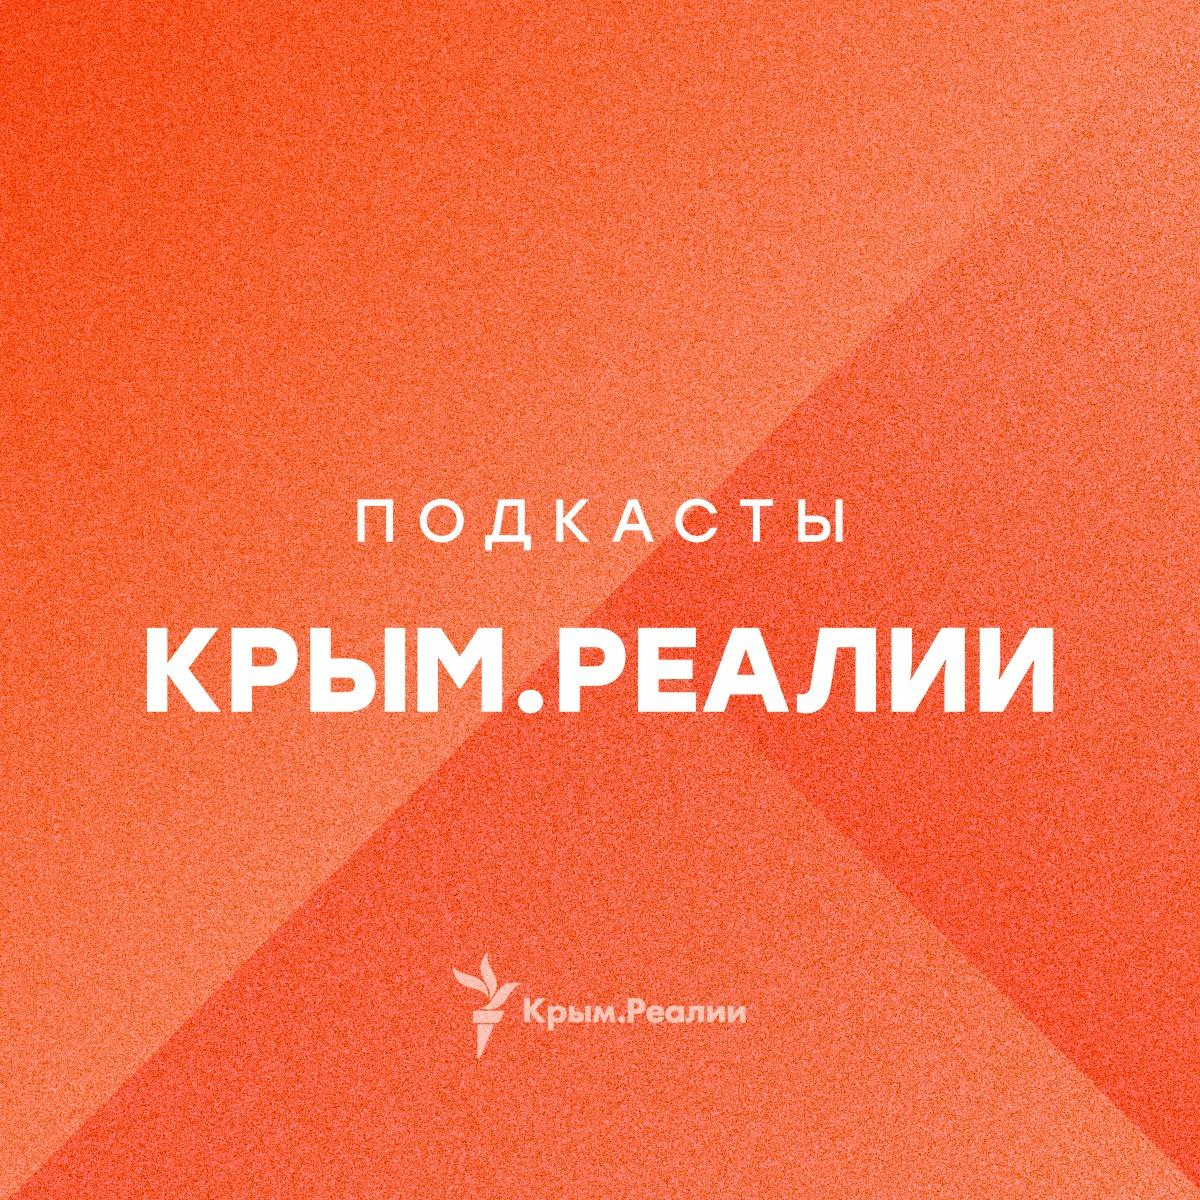 Подкасты Крым.Реалии